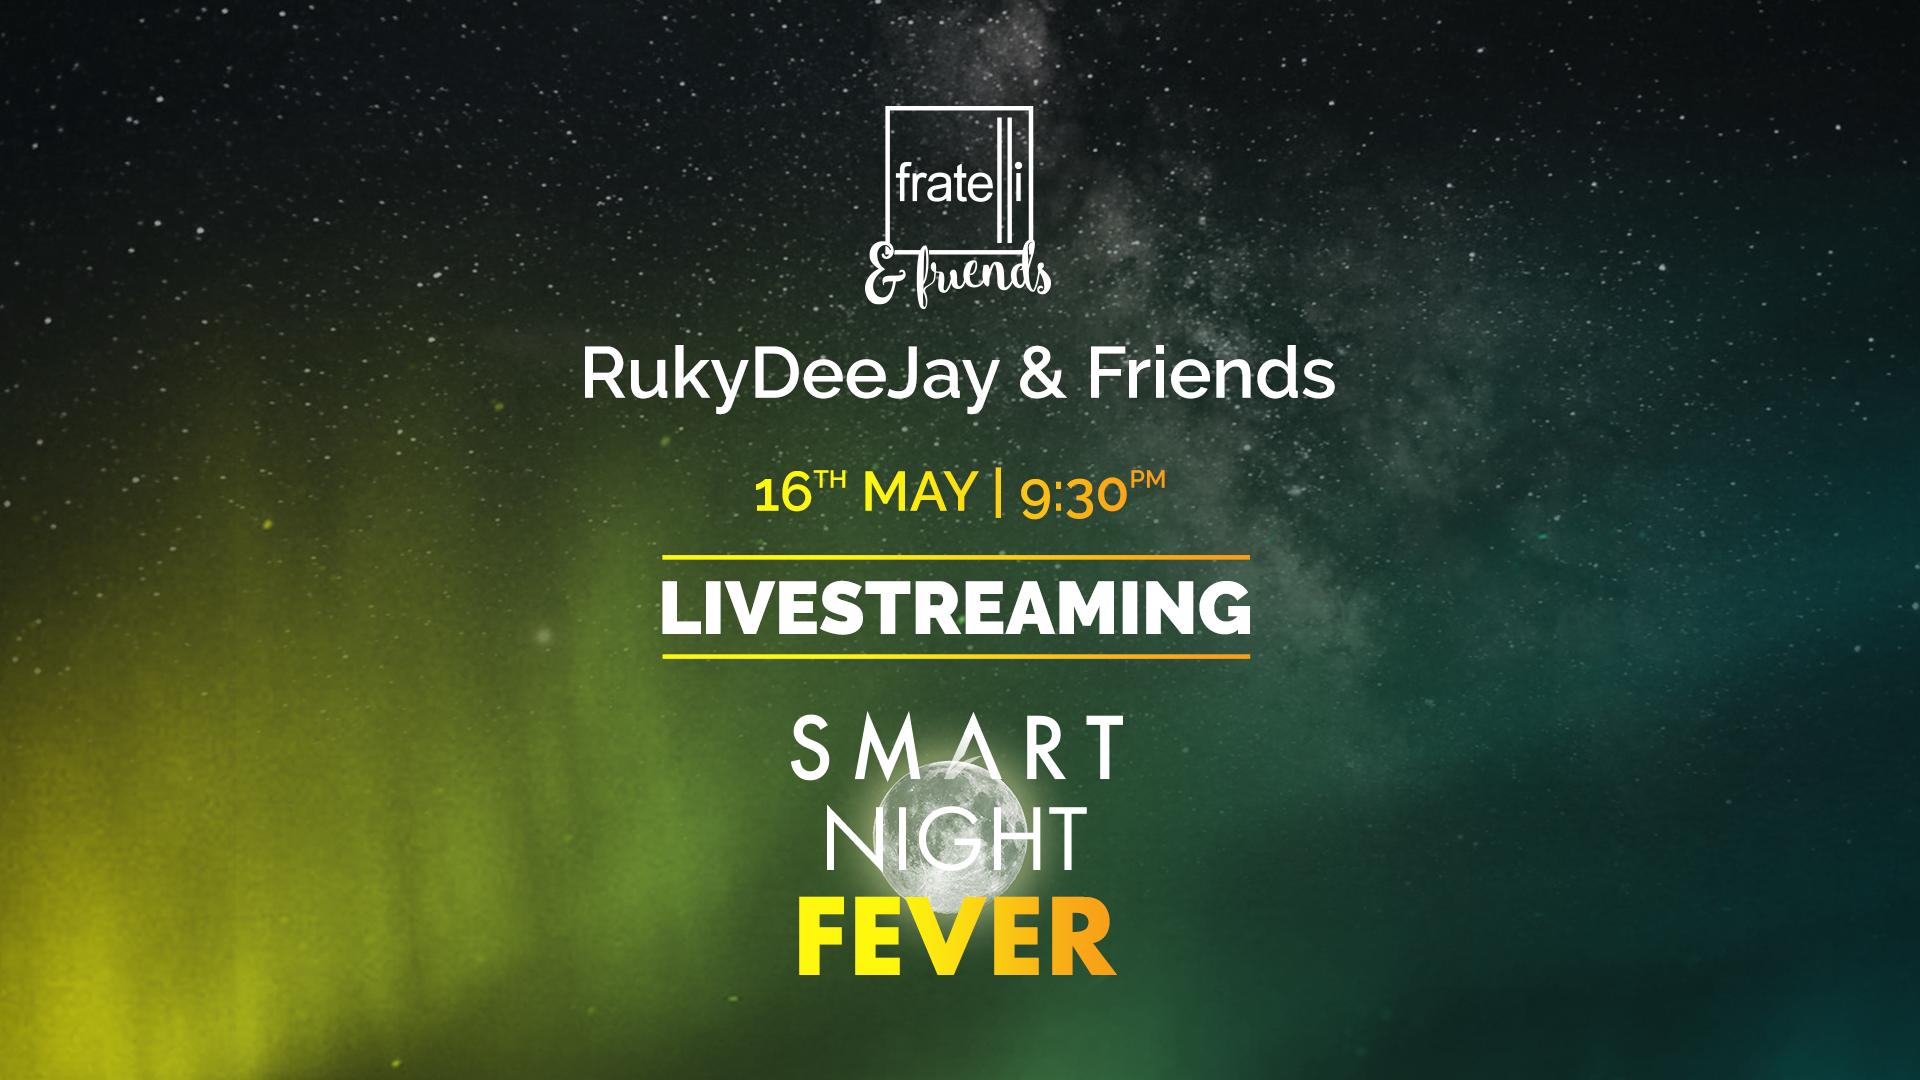 SMART NIGHT FEVER – Liber la party, cu Fratelli Social Events